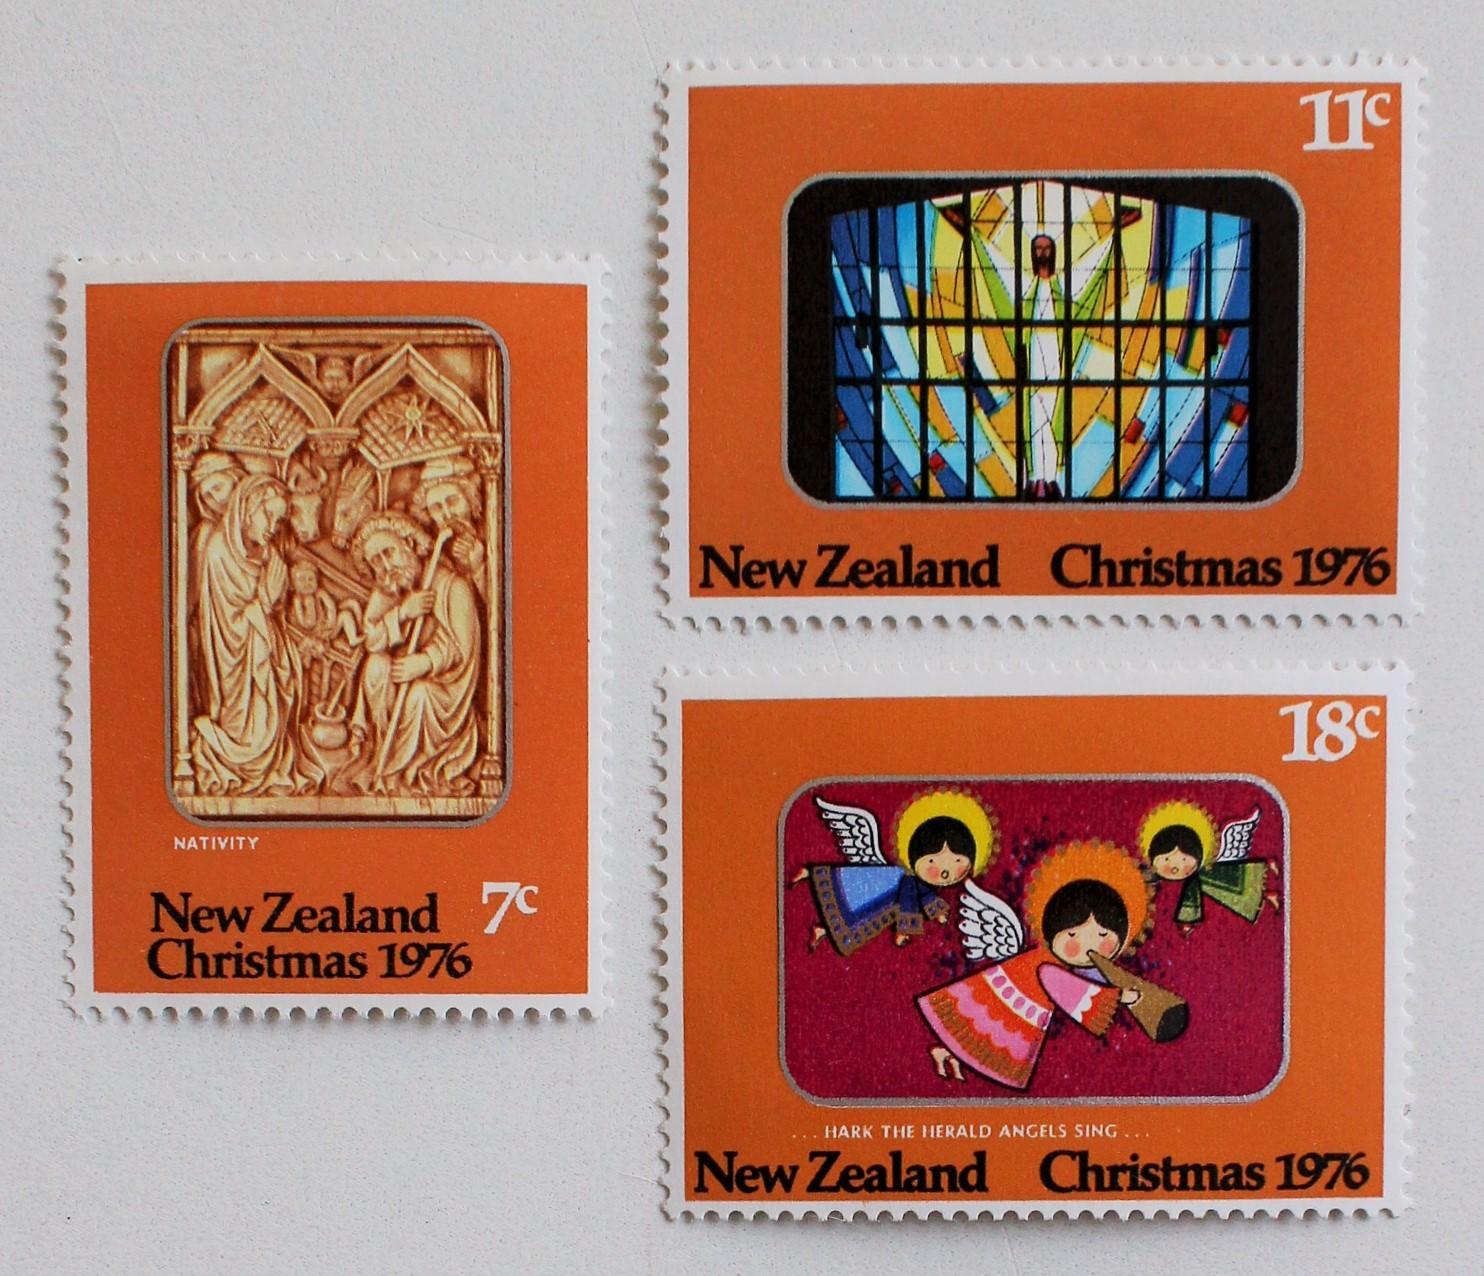 クリスマス / ニュージーランド 1976